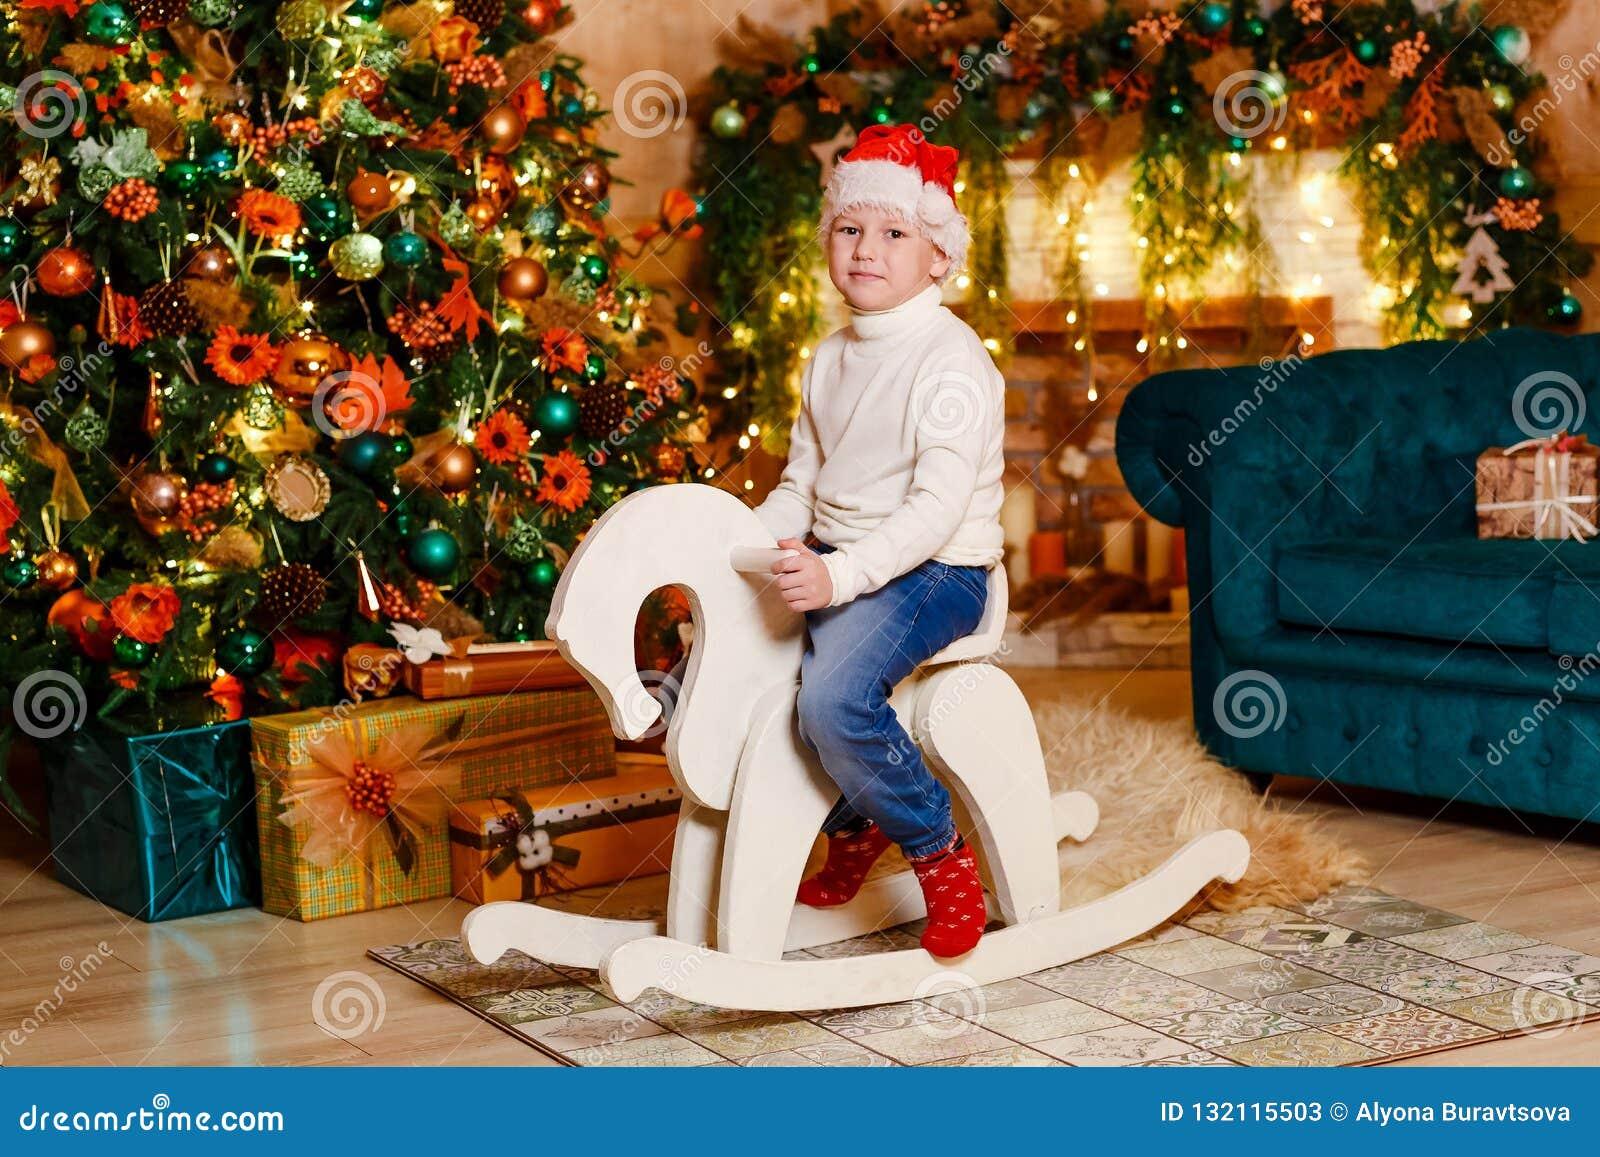 Glückliches Baby, das ein hölzernes Schaukelpferd des Spielzeugs in einem verzierten Weihnachtsraum reitet